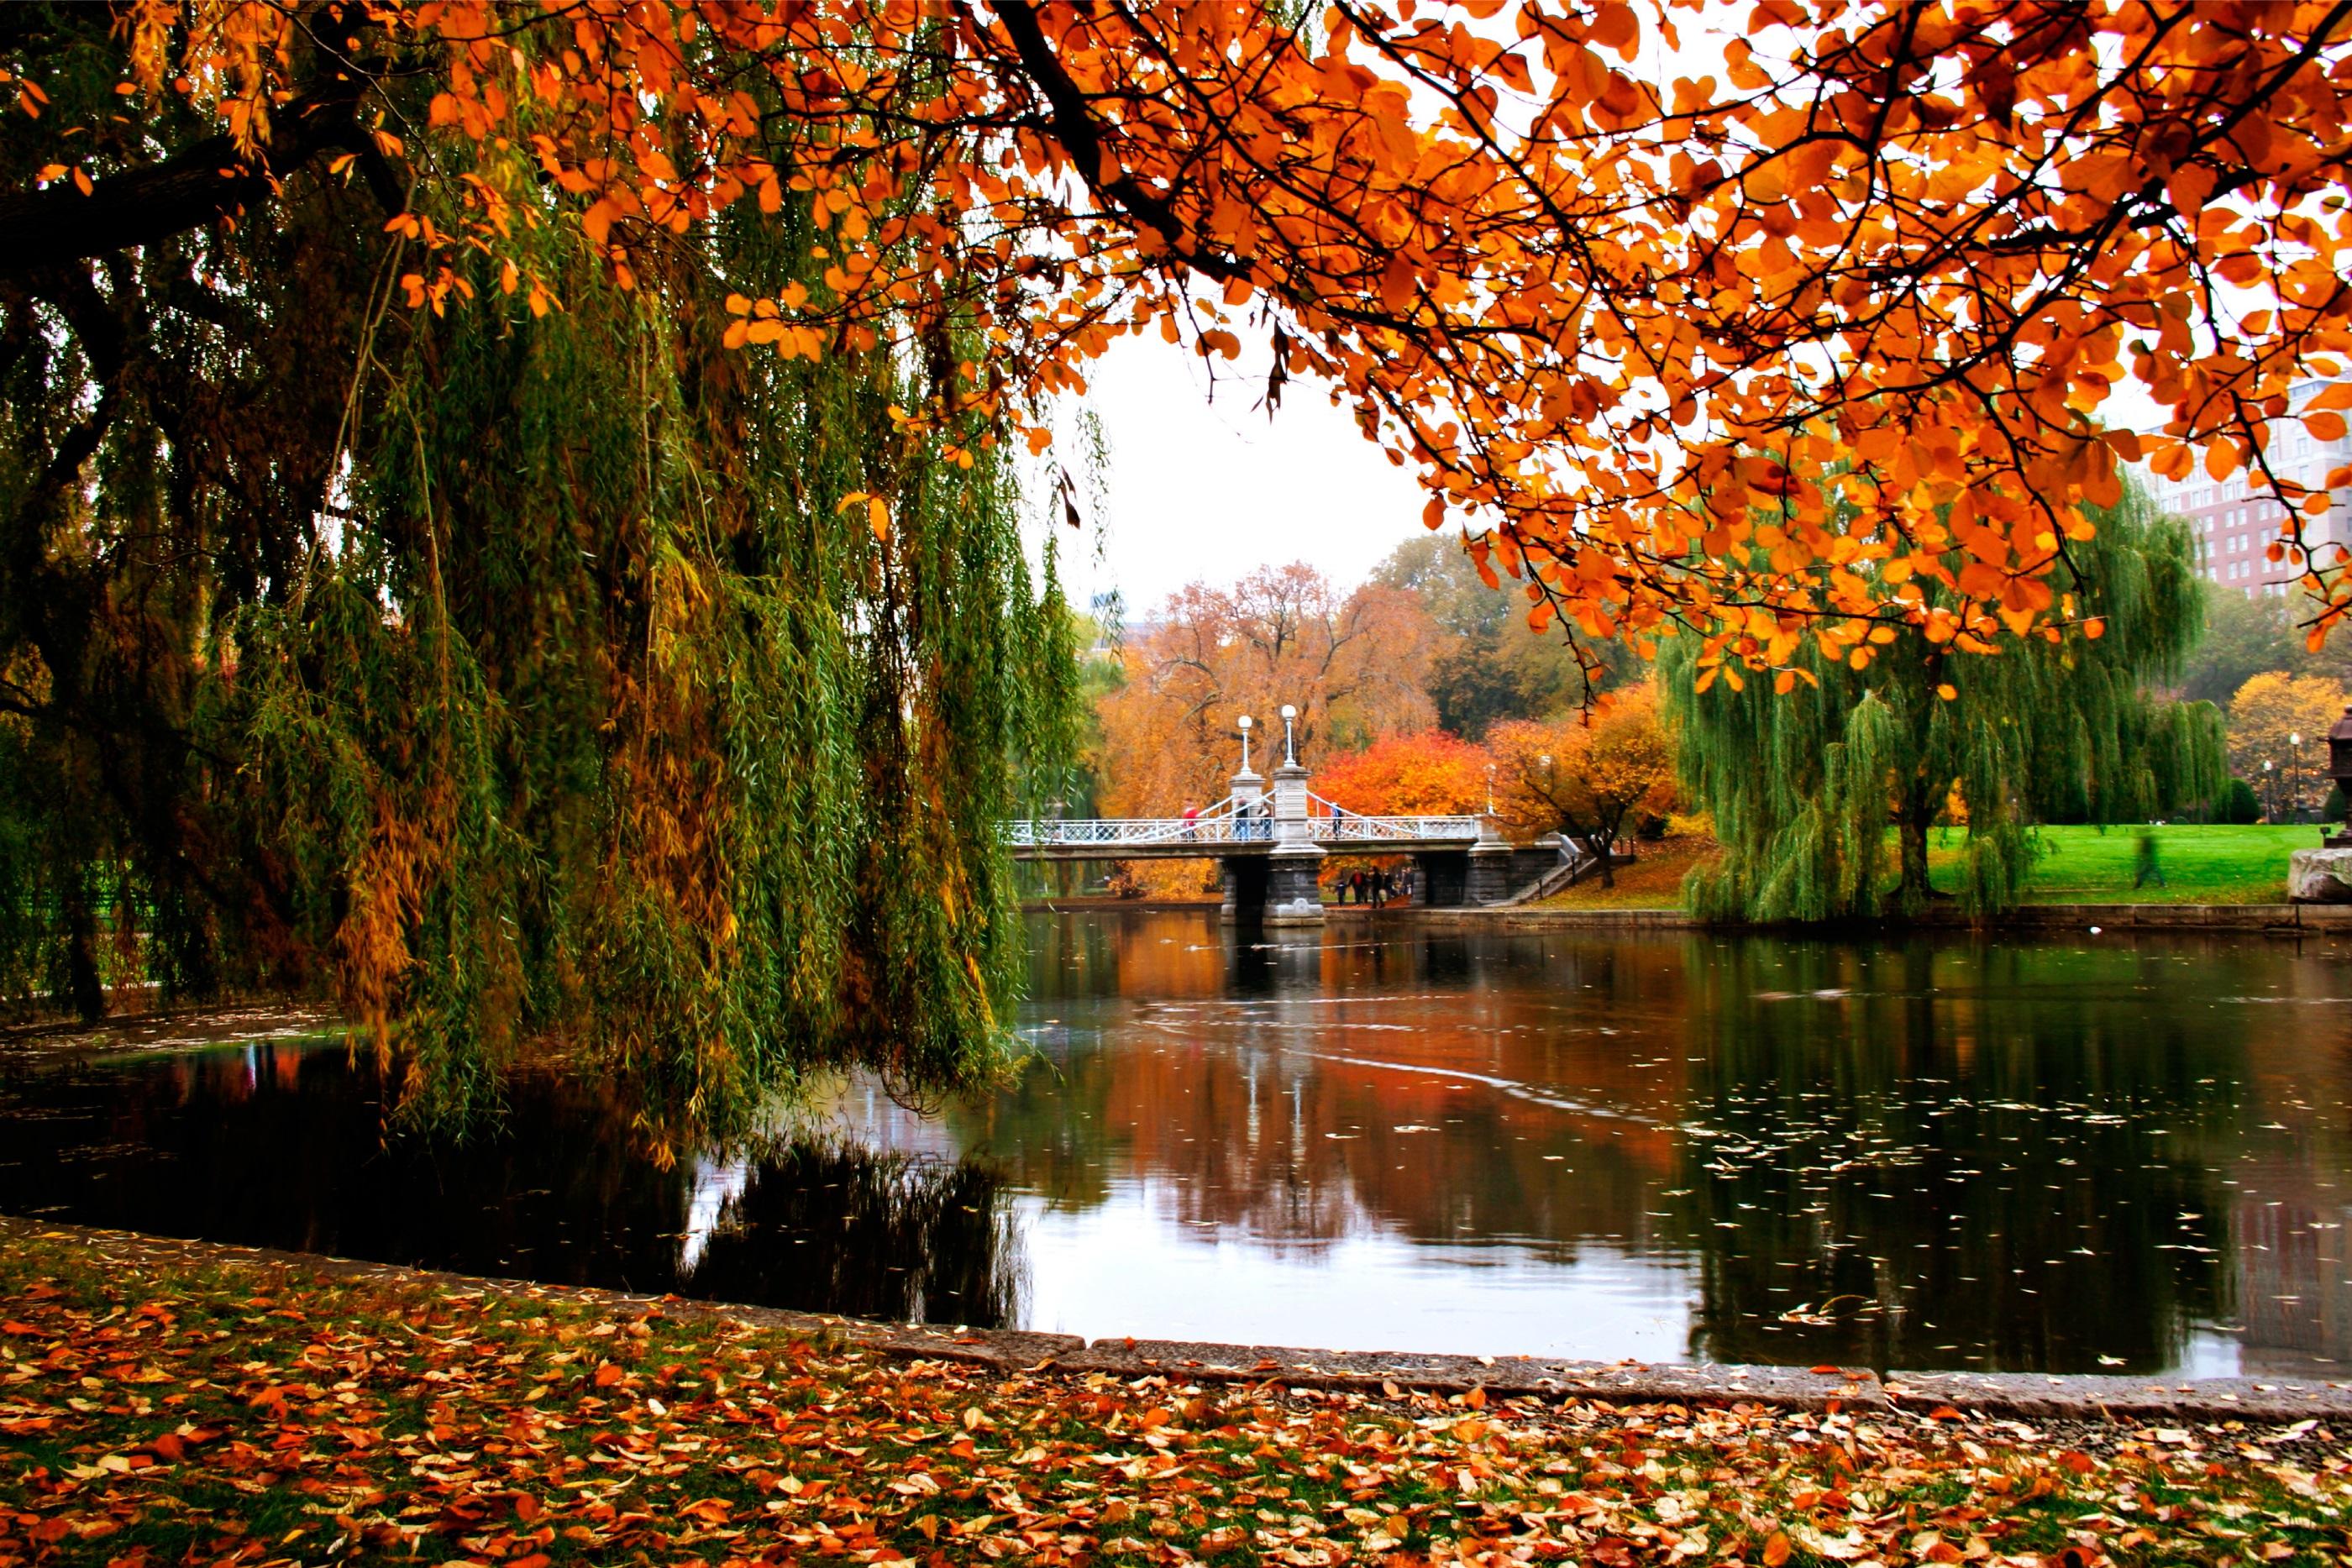 View-of-Boston-Public-Garden's-lake-in-Autumn--140380094_3072x2048